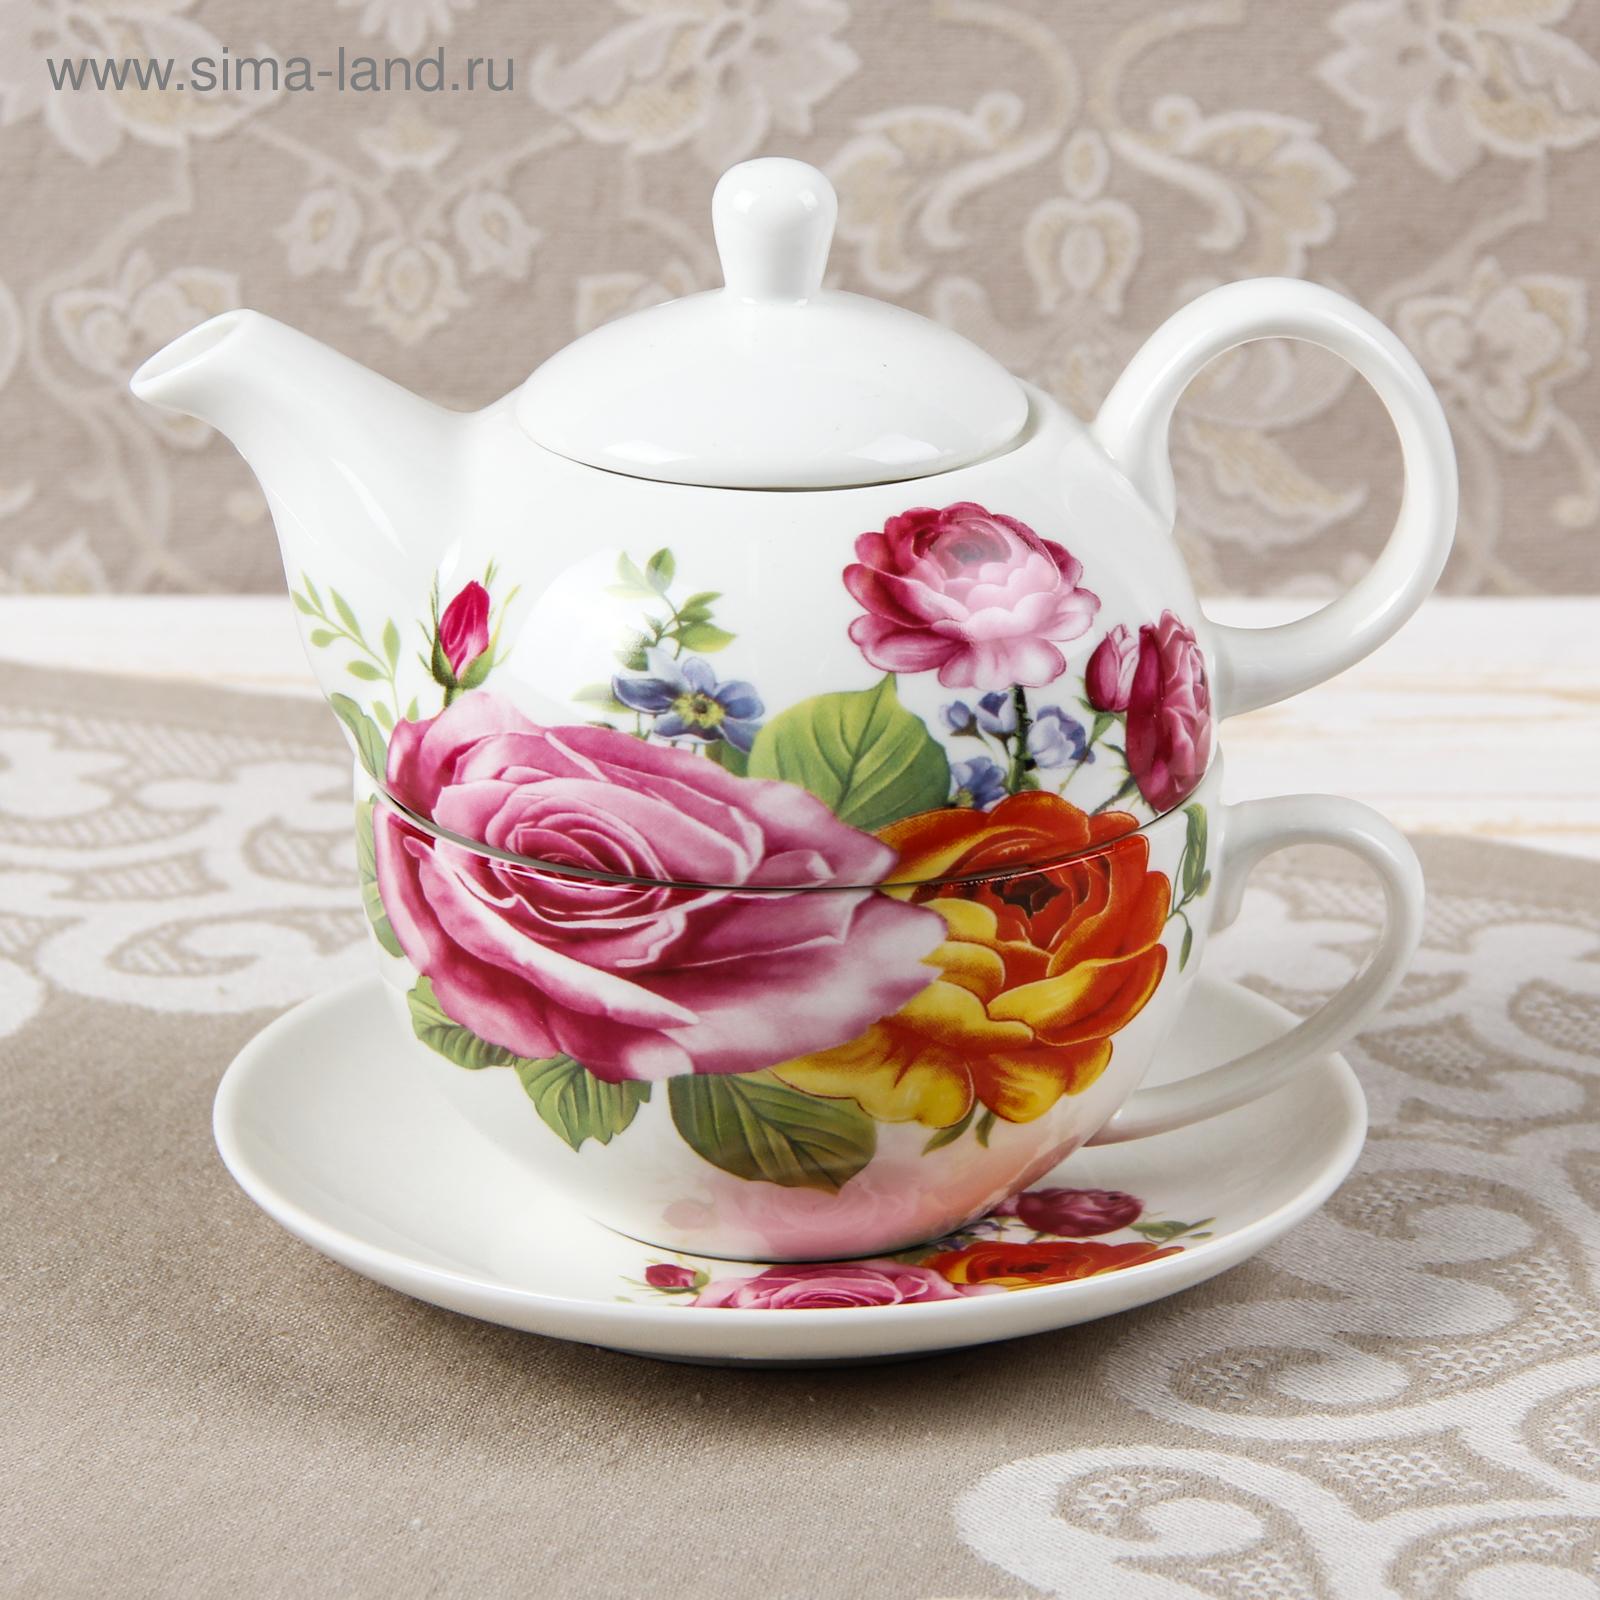 Где купить чайный букет москва — img 14